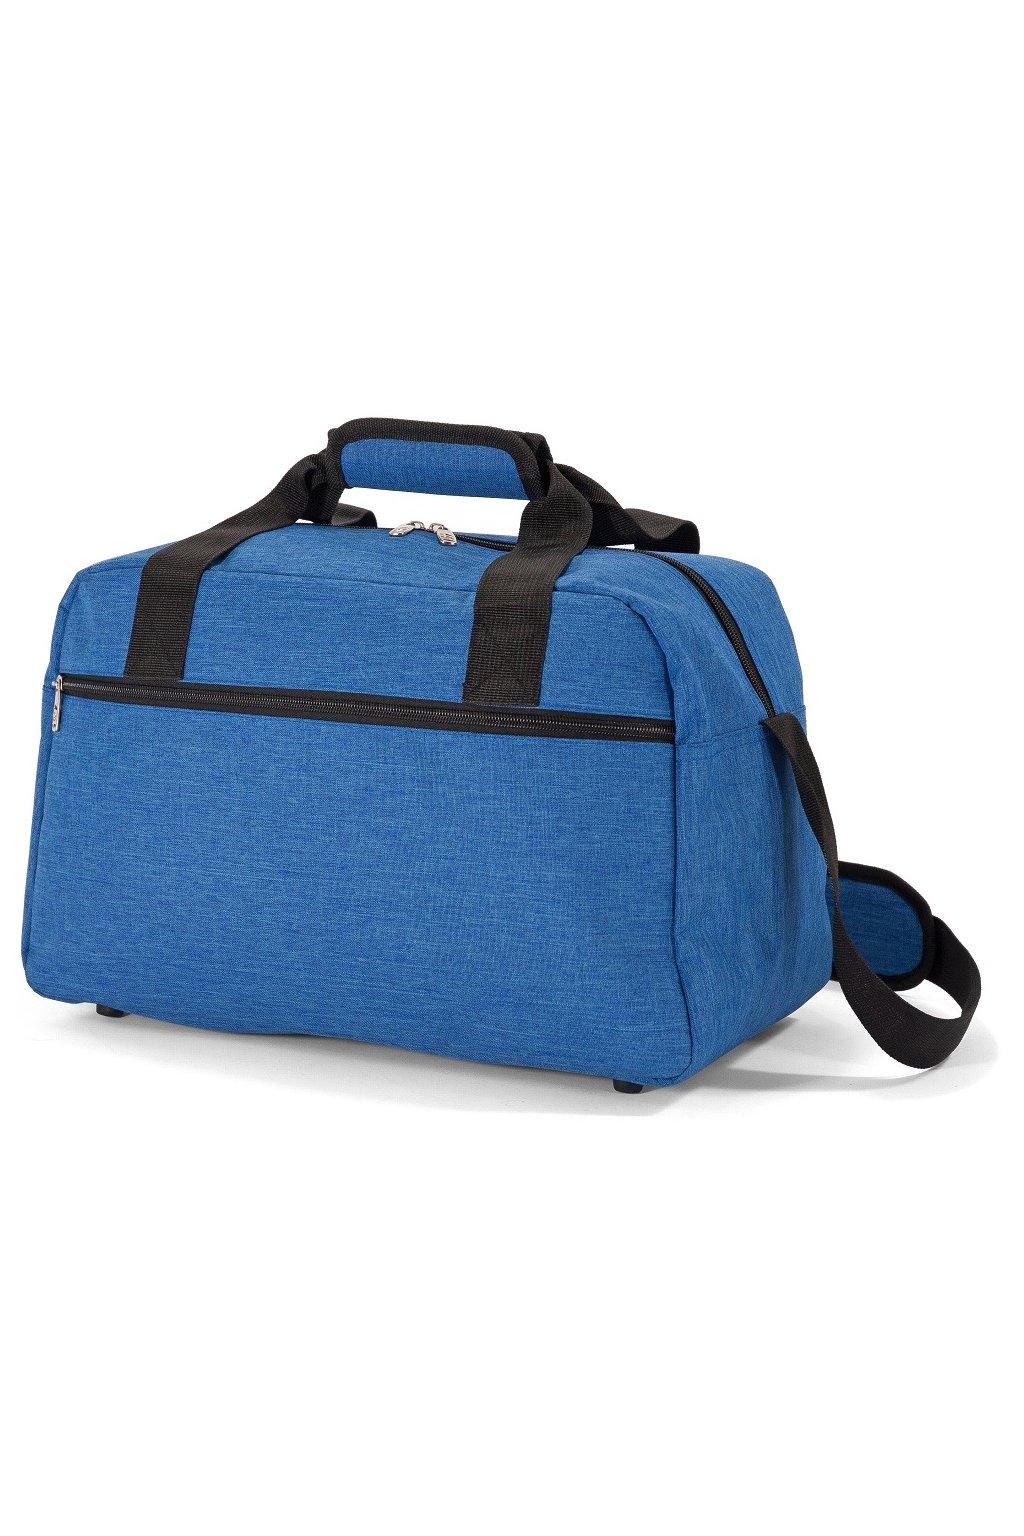 kufrland benzi 5528 blue